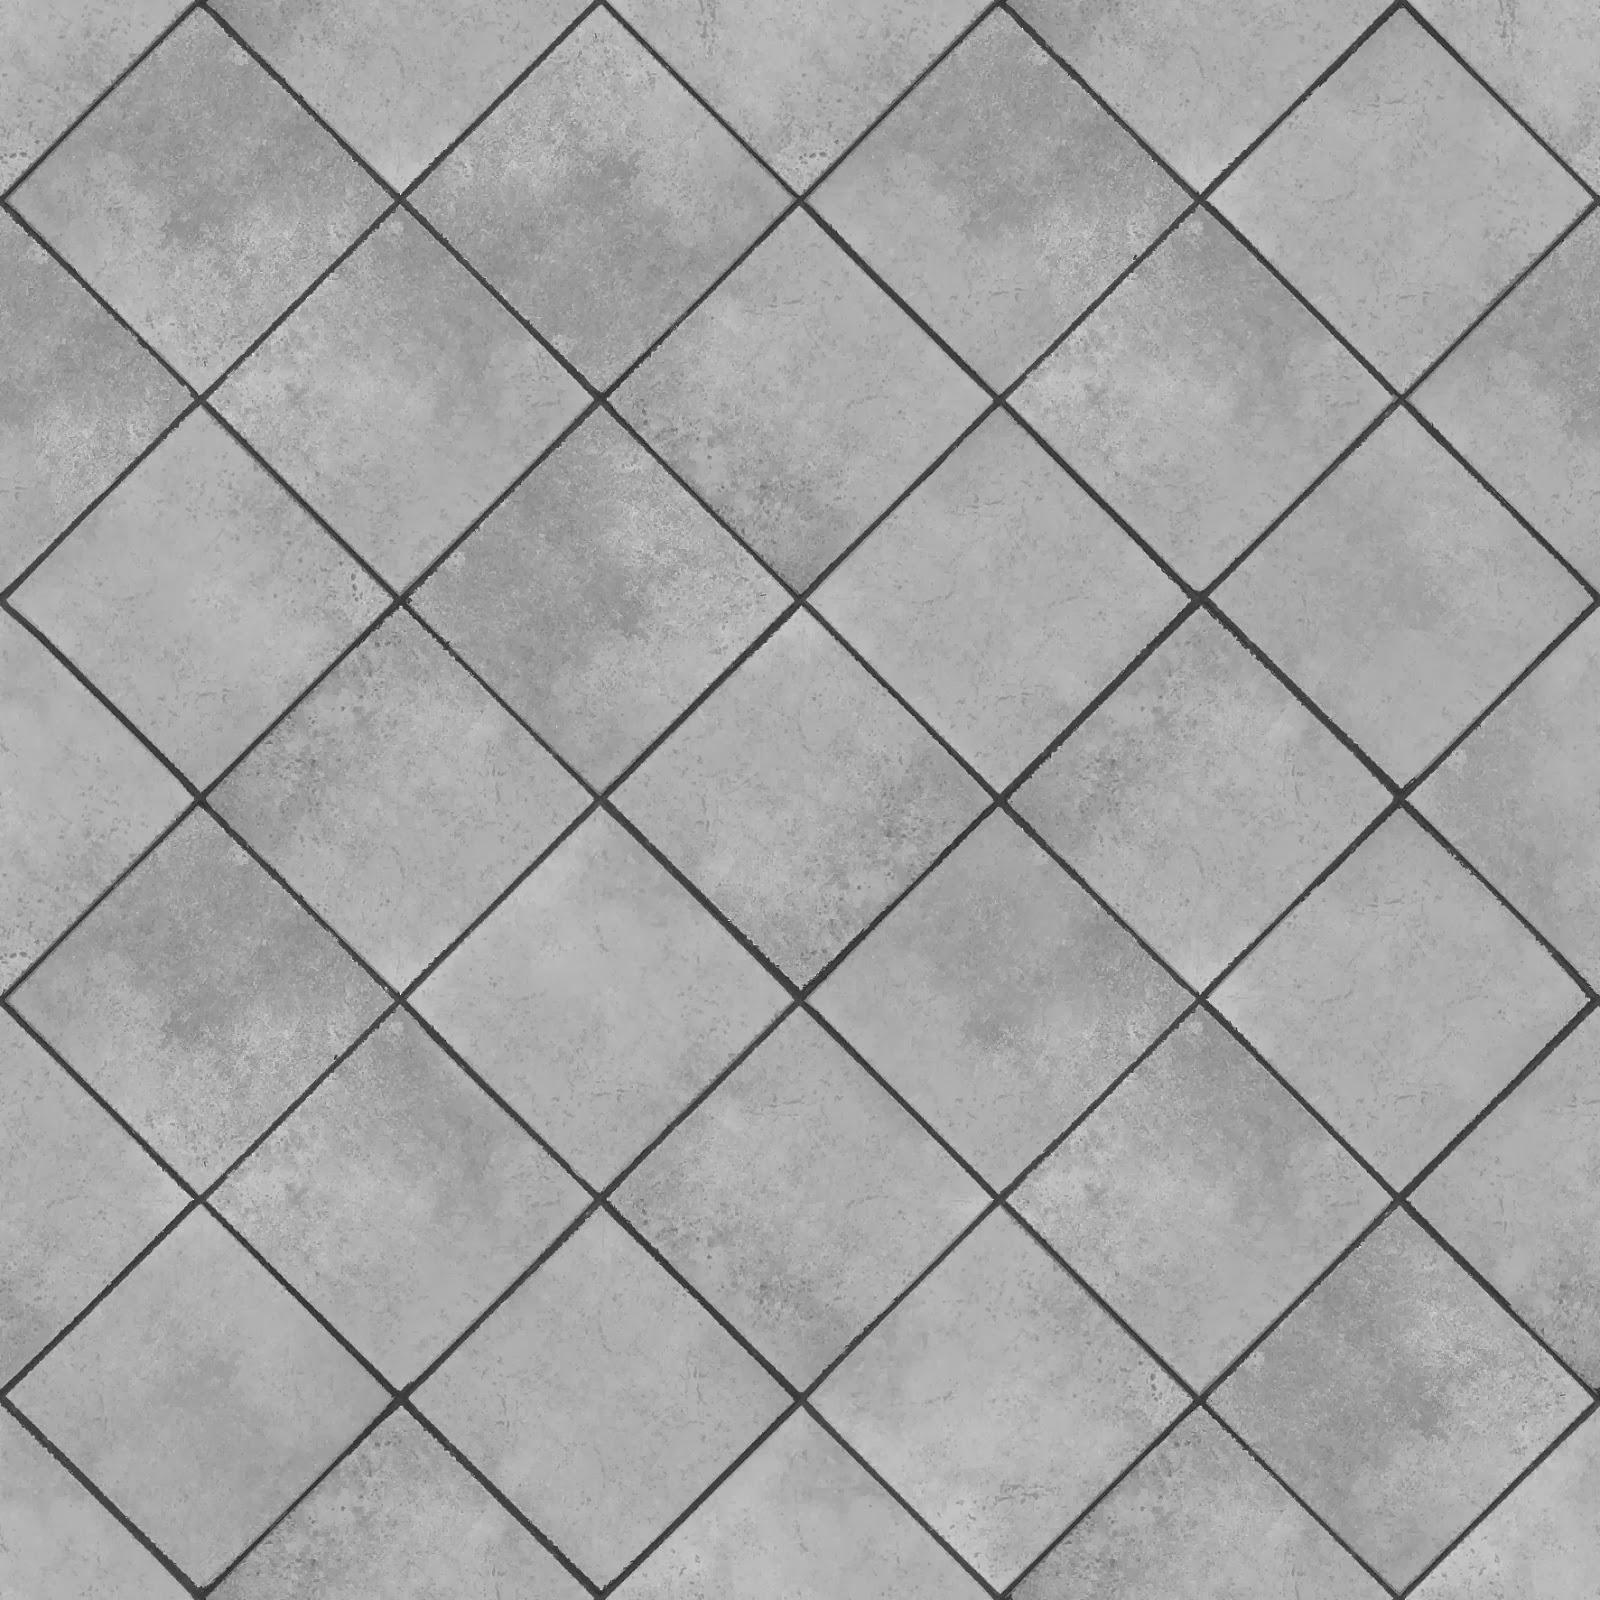 texture free texture floor